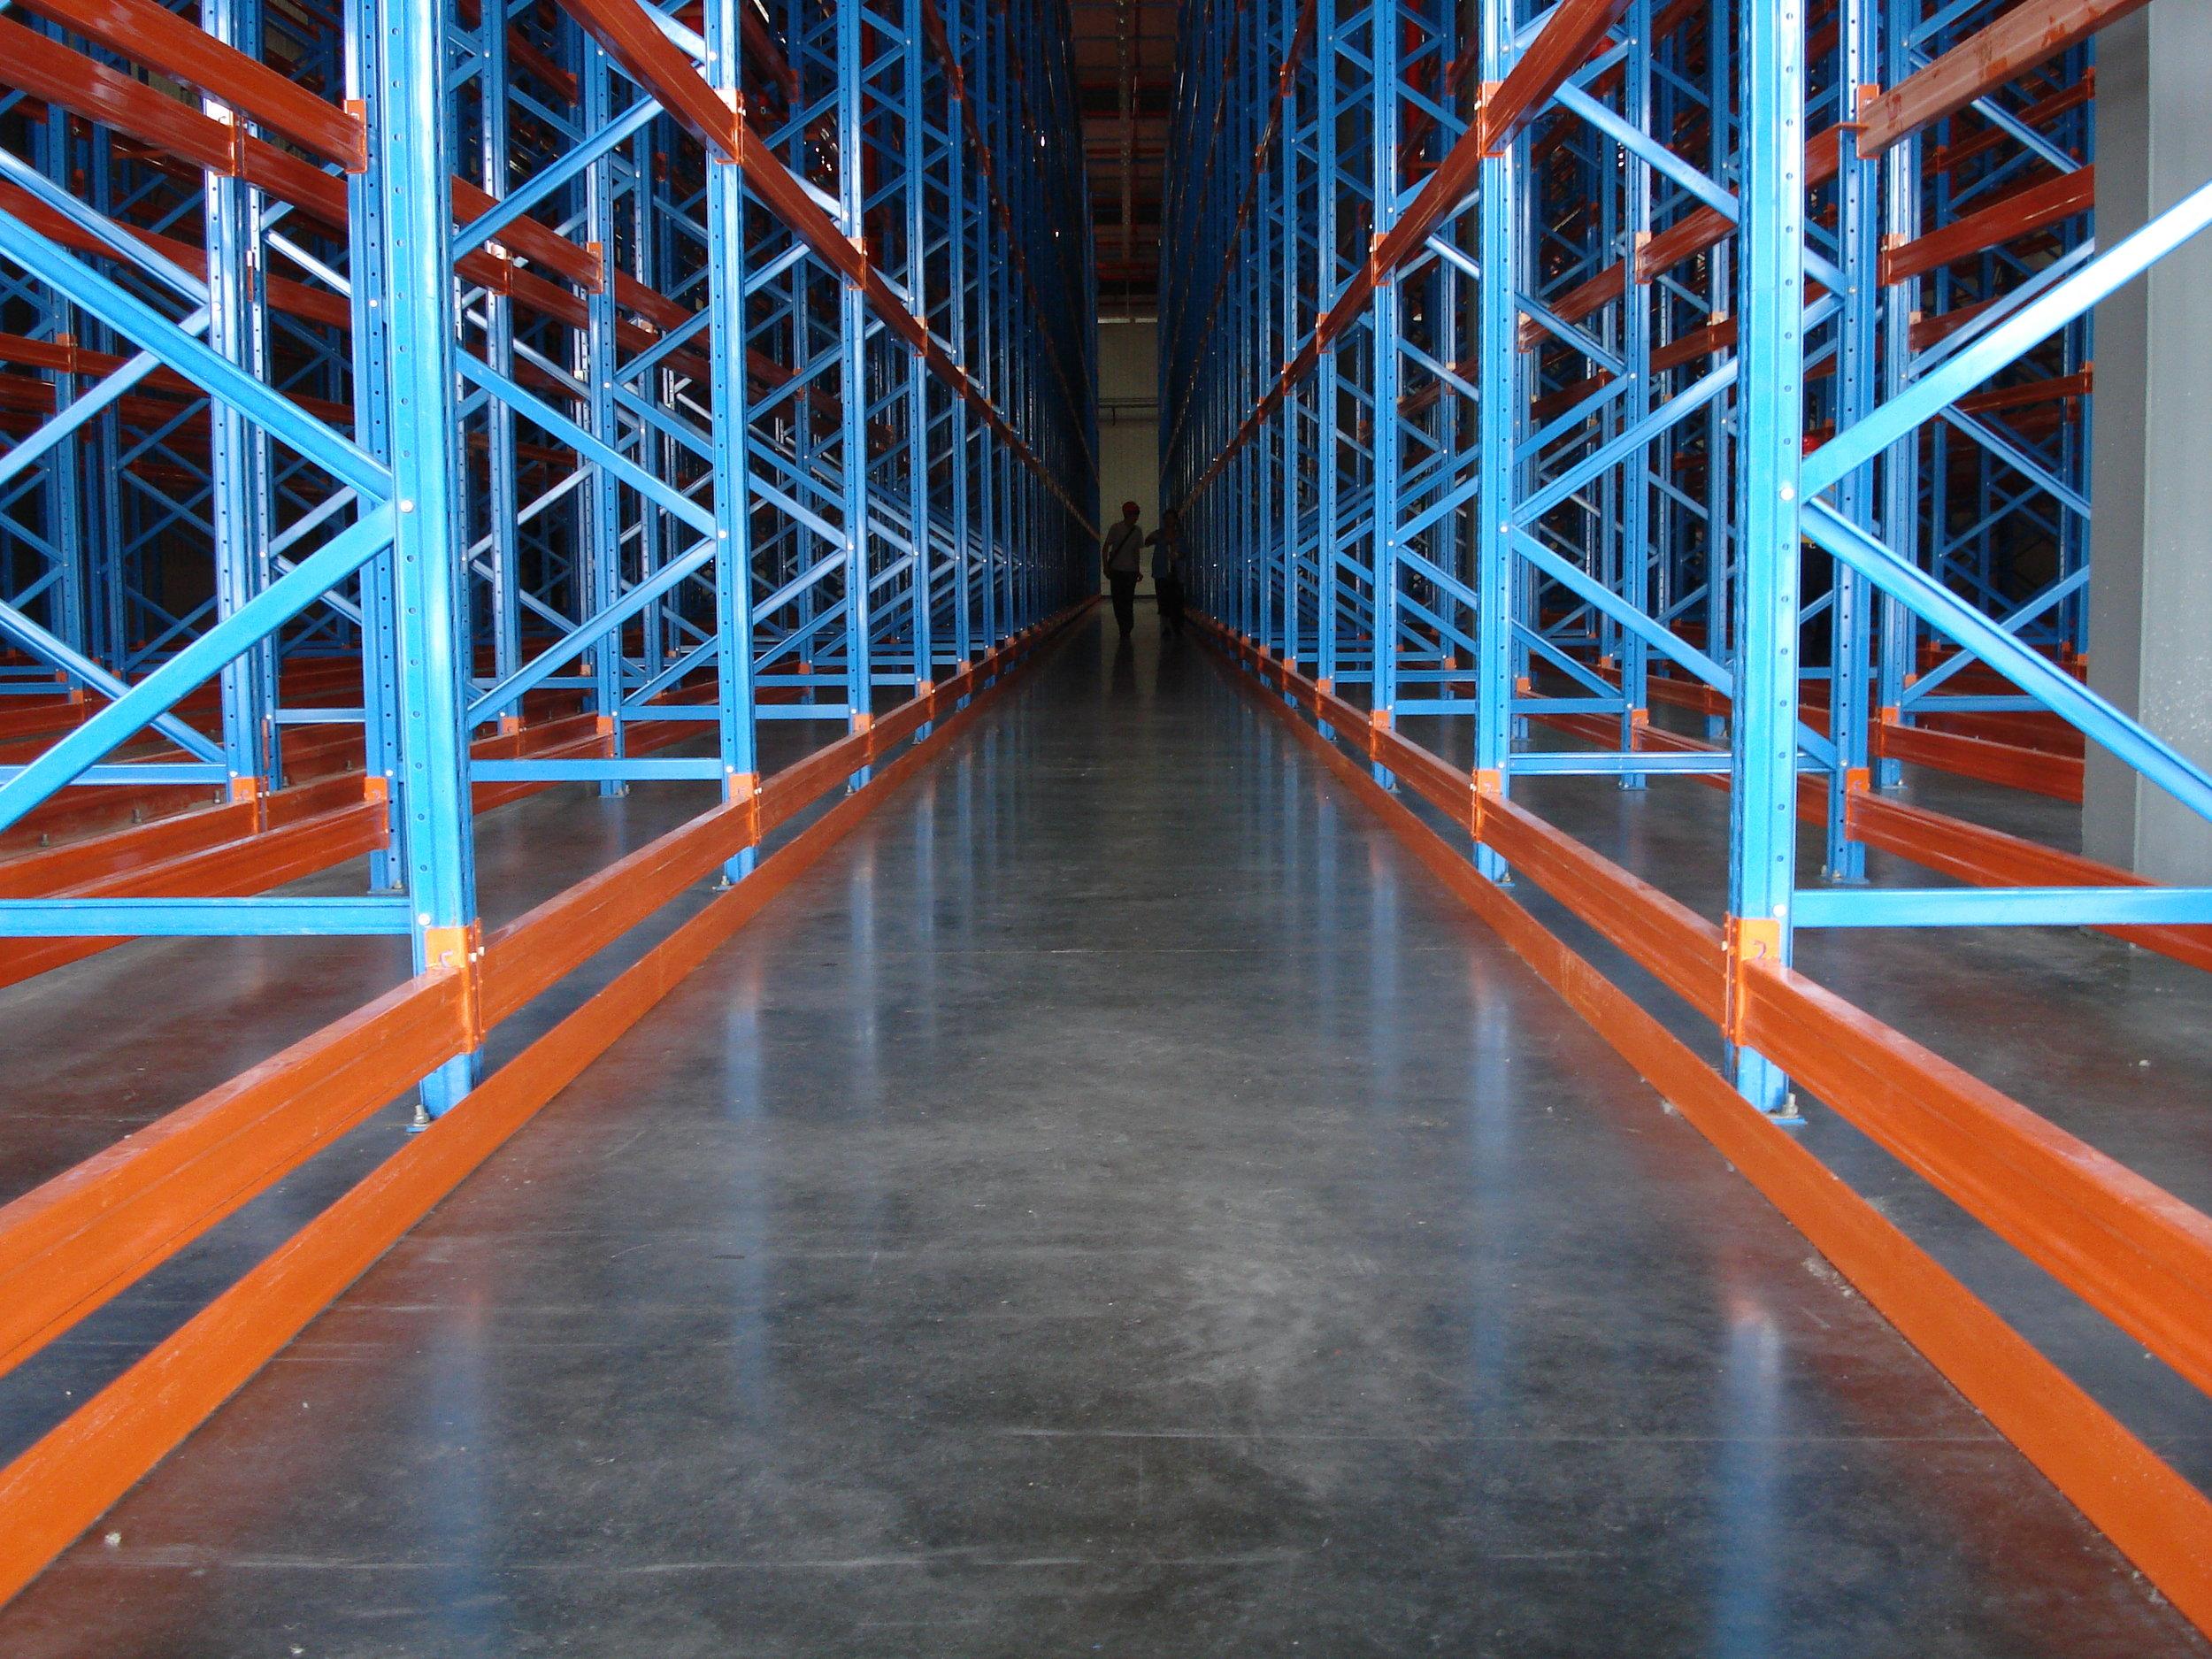 Commercial building concrete floor